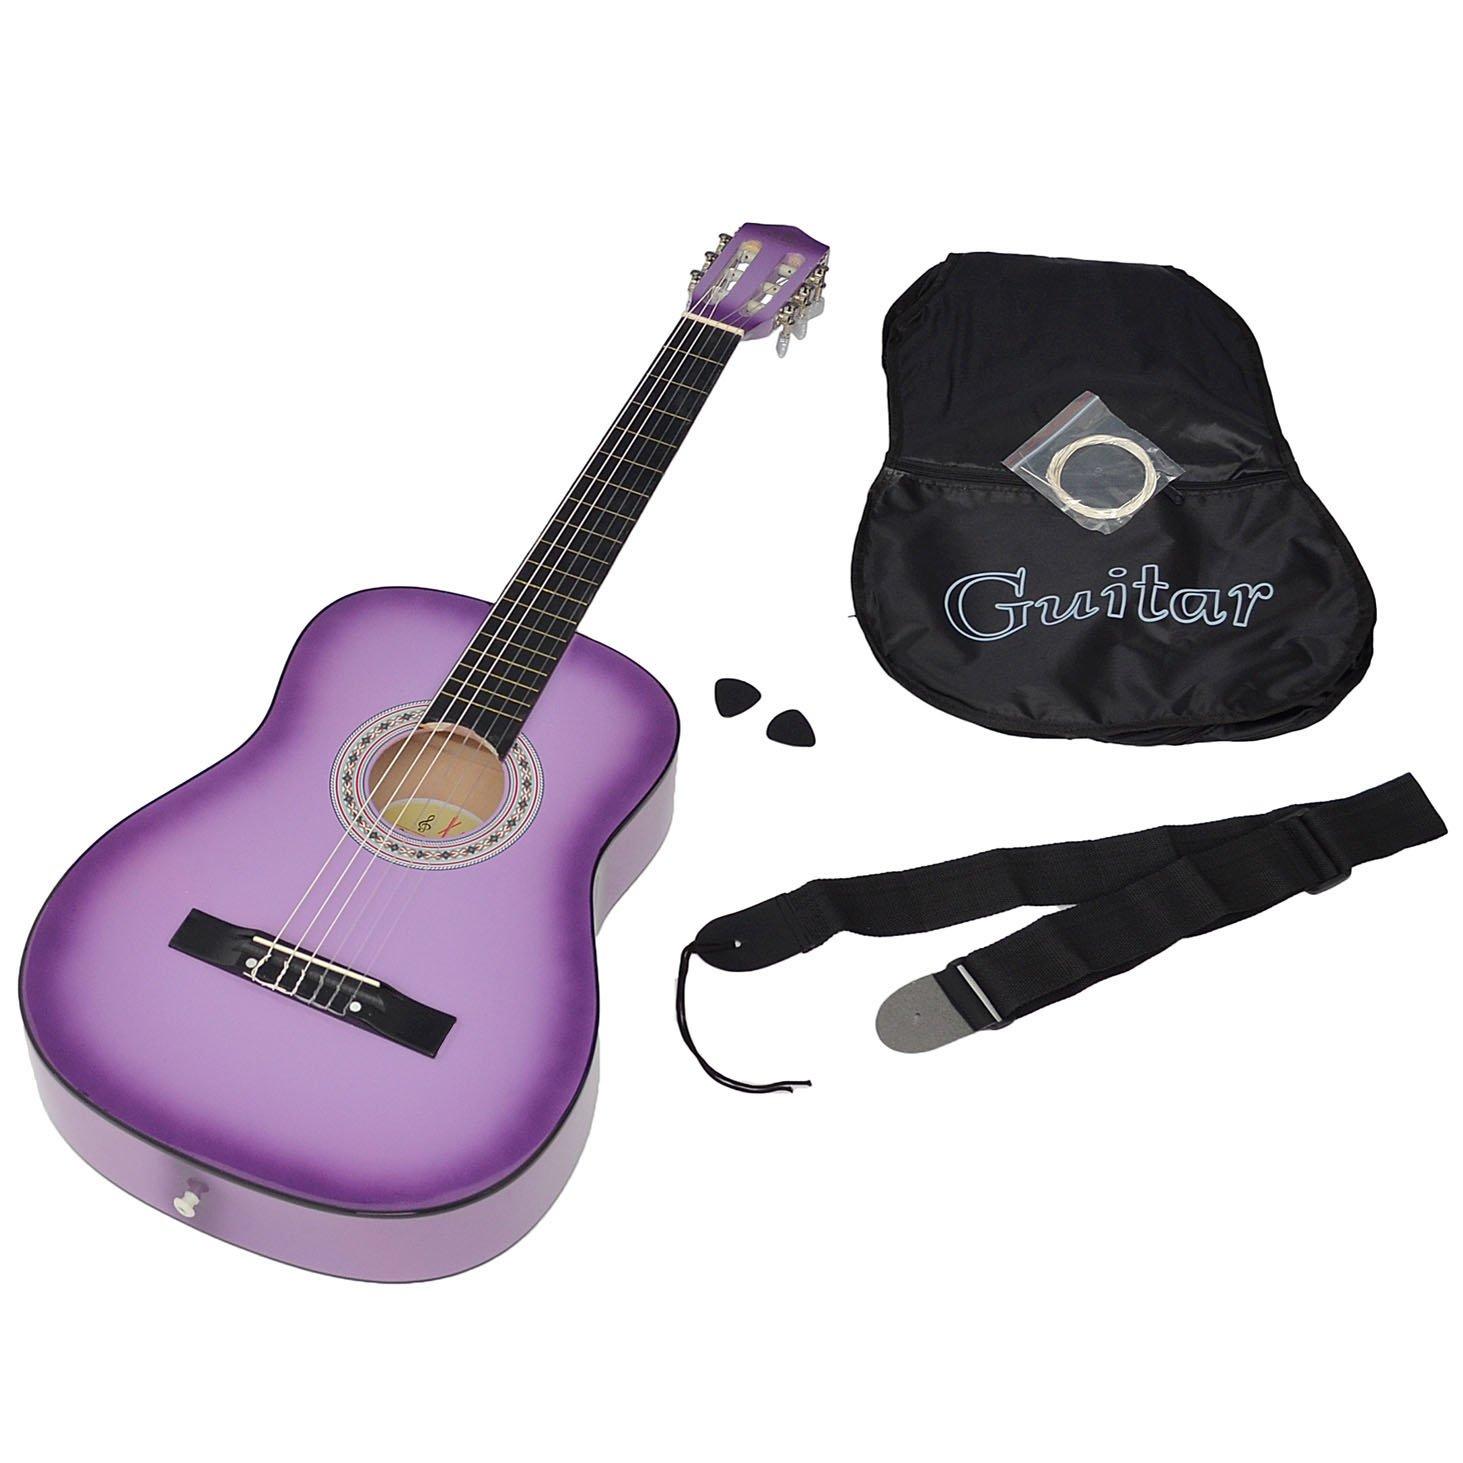 ts-ideen 5267 - Guitarra acústica clásica (incluye funda, correa, cuerdas y púa), color lila con contorno negro